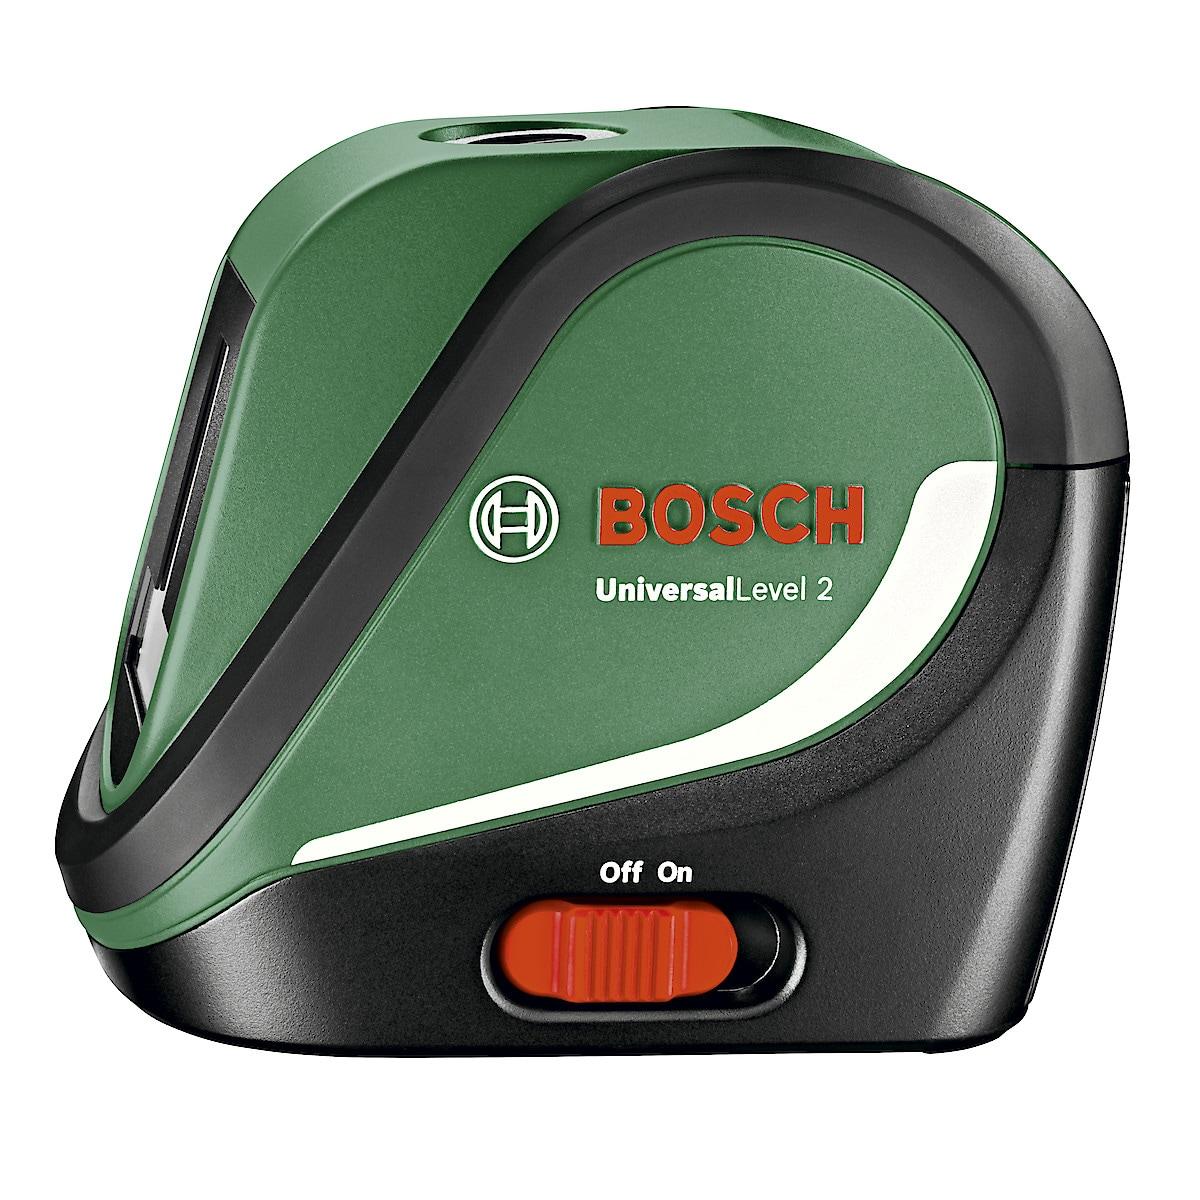 Kreuzlinienlaser Bosch UniversalLevel 2